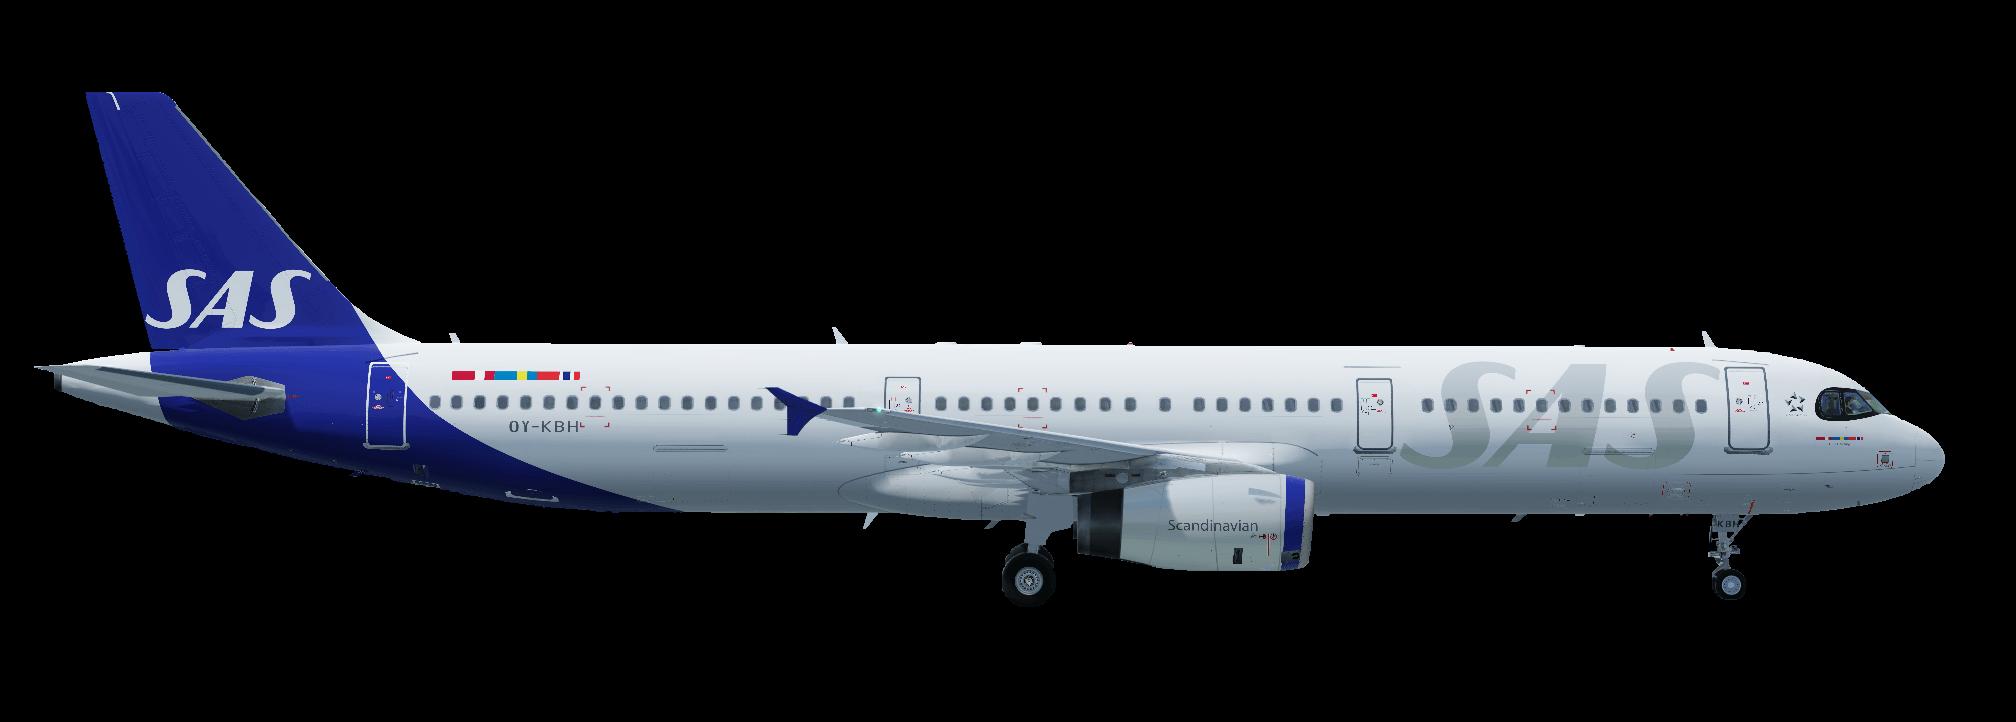 A321 Cutout